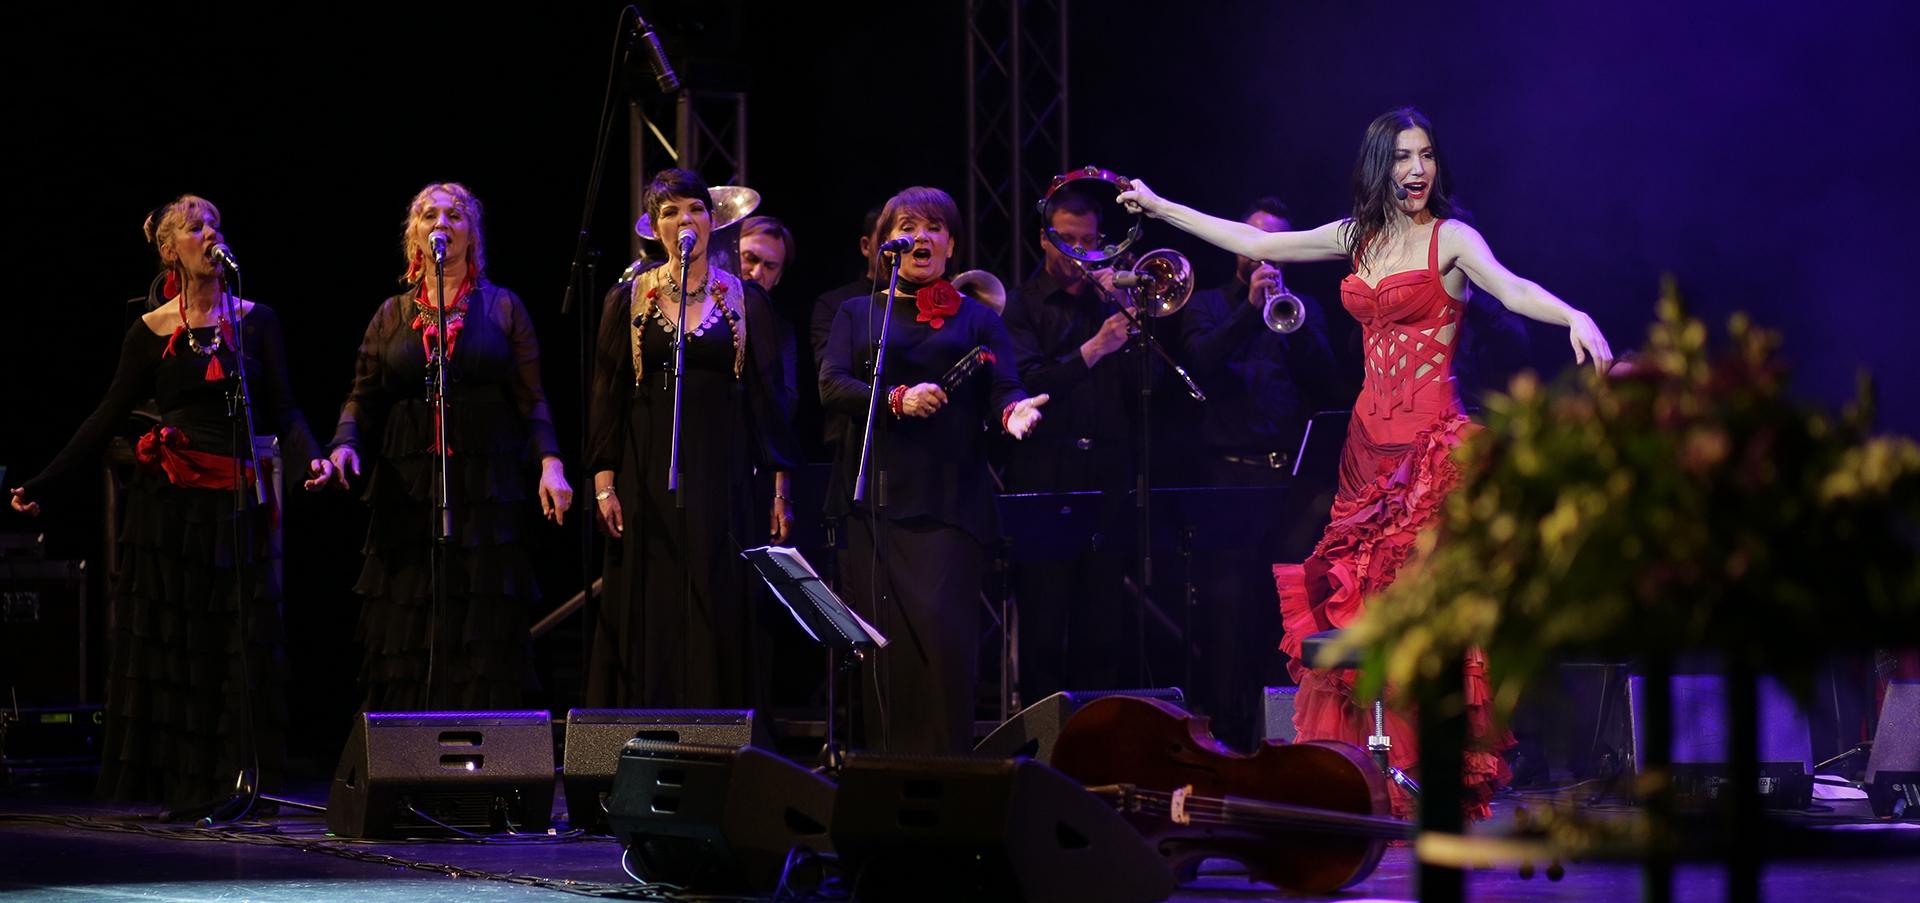 Ana Rucner će spektakularnim koncertom u nedjelju zatvoriti Floraart